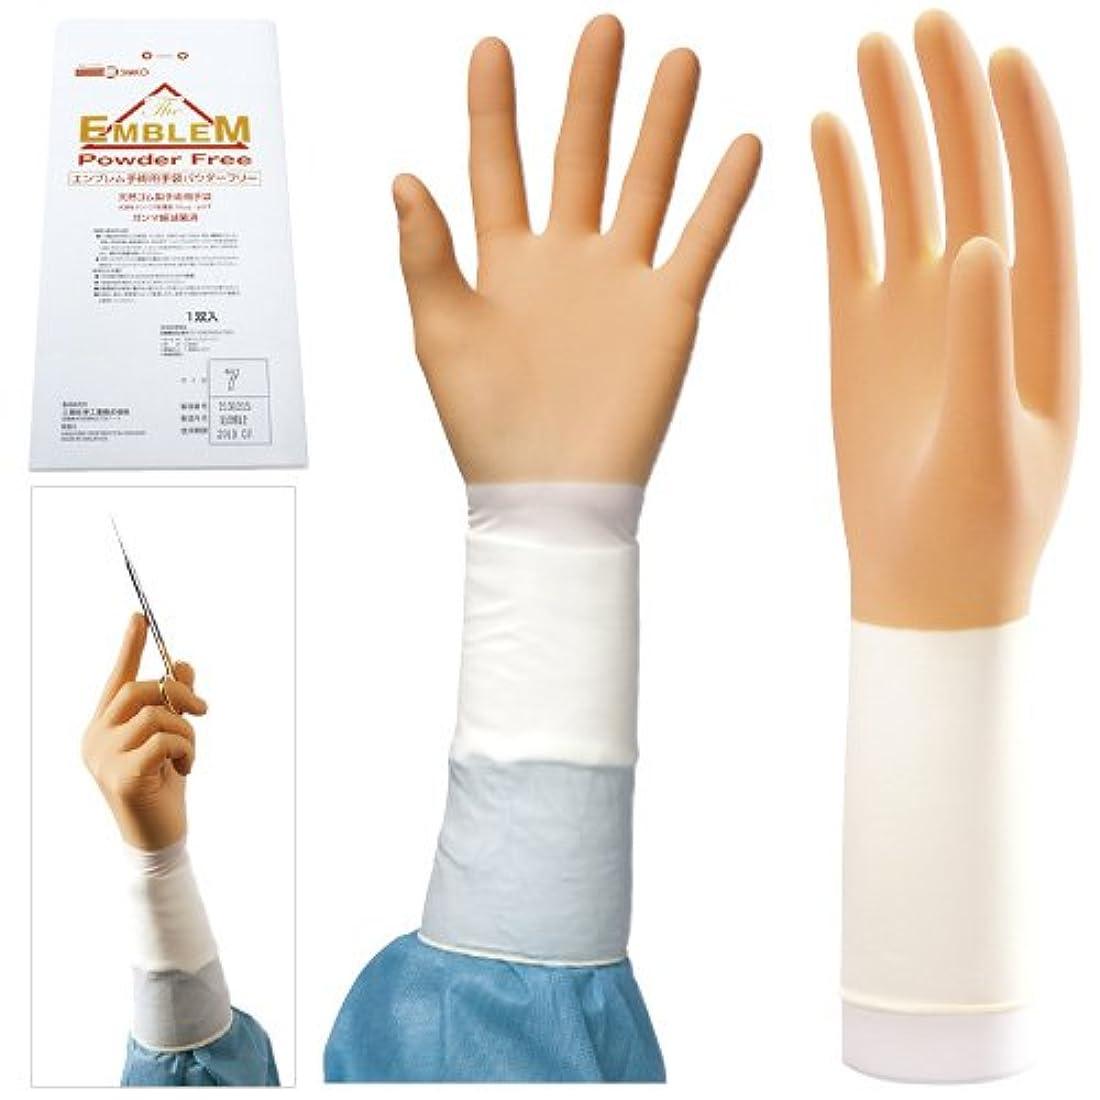 干渉もの混乱エンブレム手術用手袋 パウダーフリー NEW(20双入) 5.5